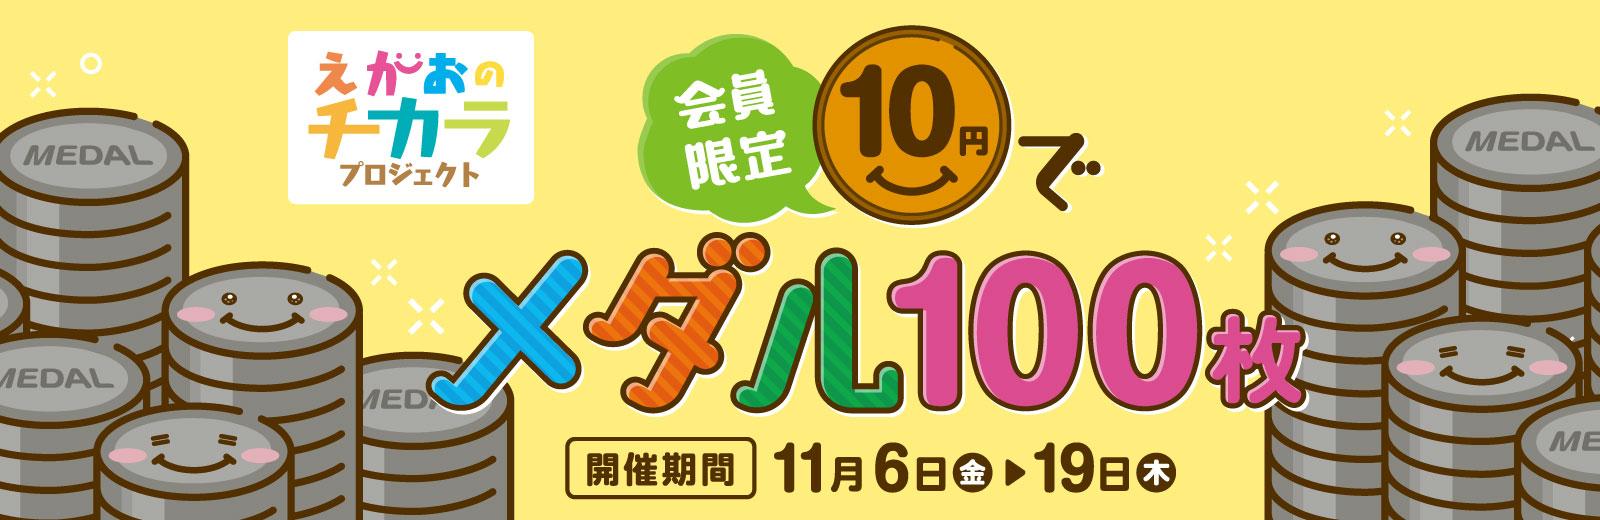 会員限定キャンペーン「10円でメダル100枚」|えがおのチカラプロジェクト